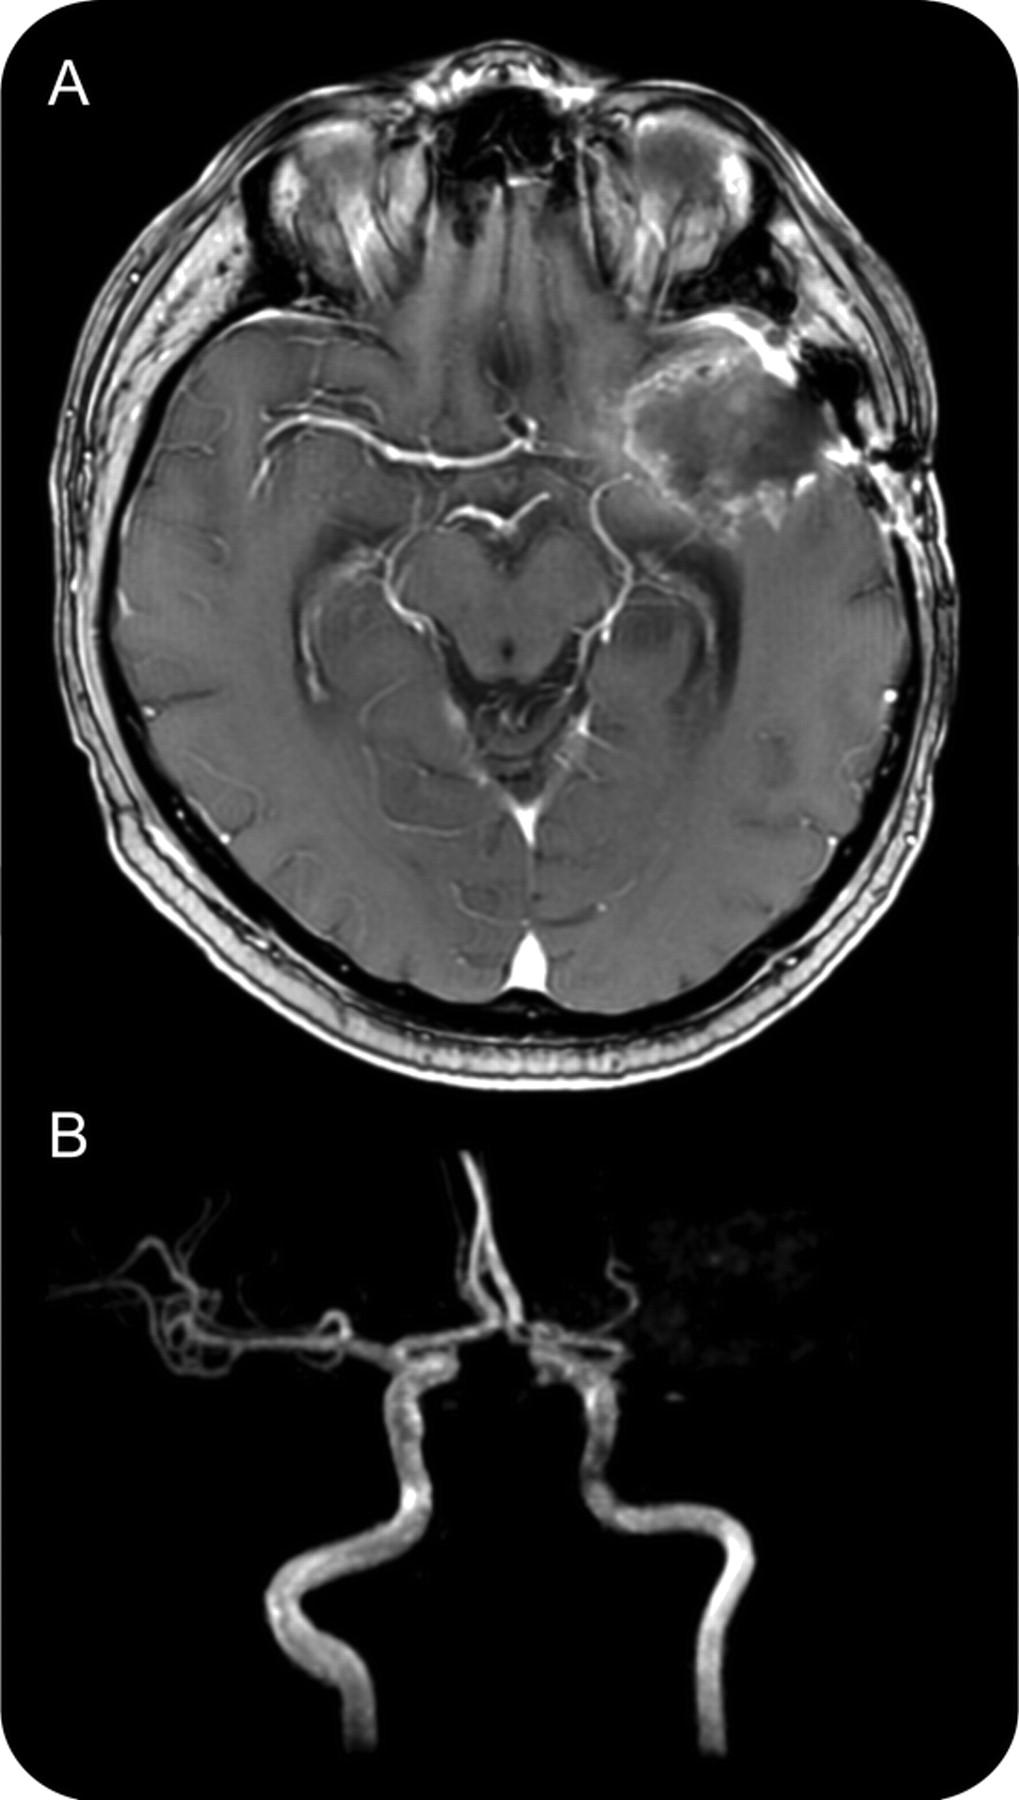 Occlusion Mri Occlusion on Brain Mri And